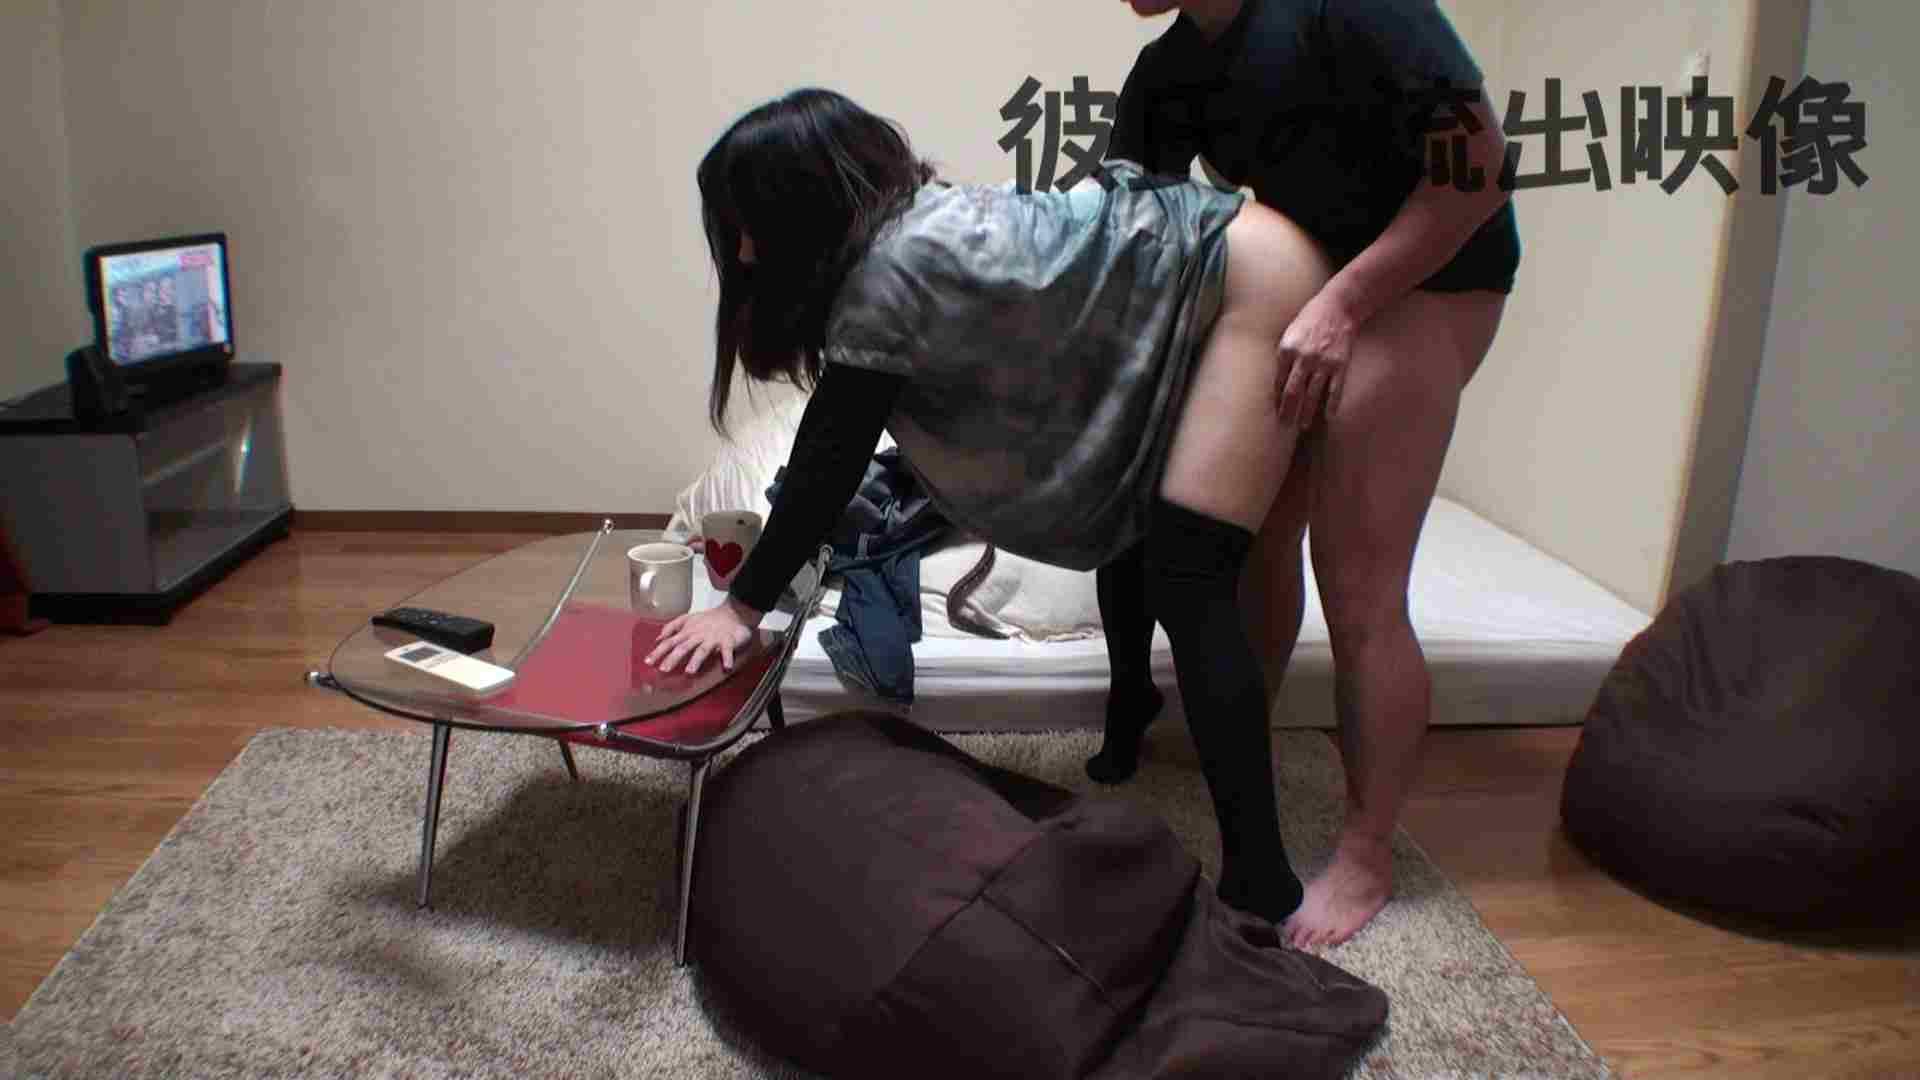 彼氏が流出 パイパン素人嬢のハメ撮り映像02 一般投稿 | ギャル達のSEX  61画像 44